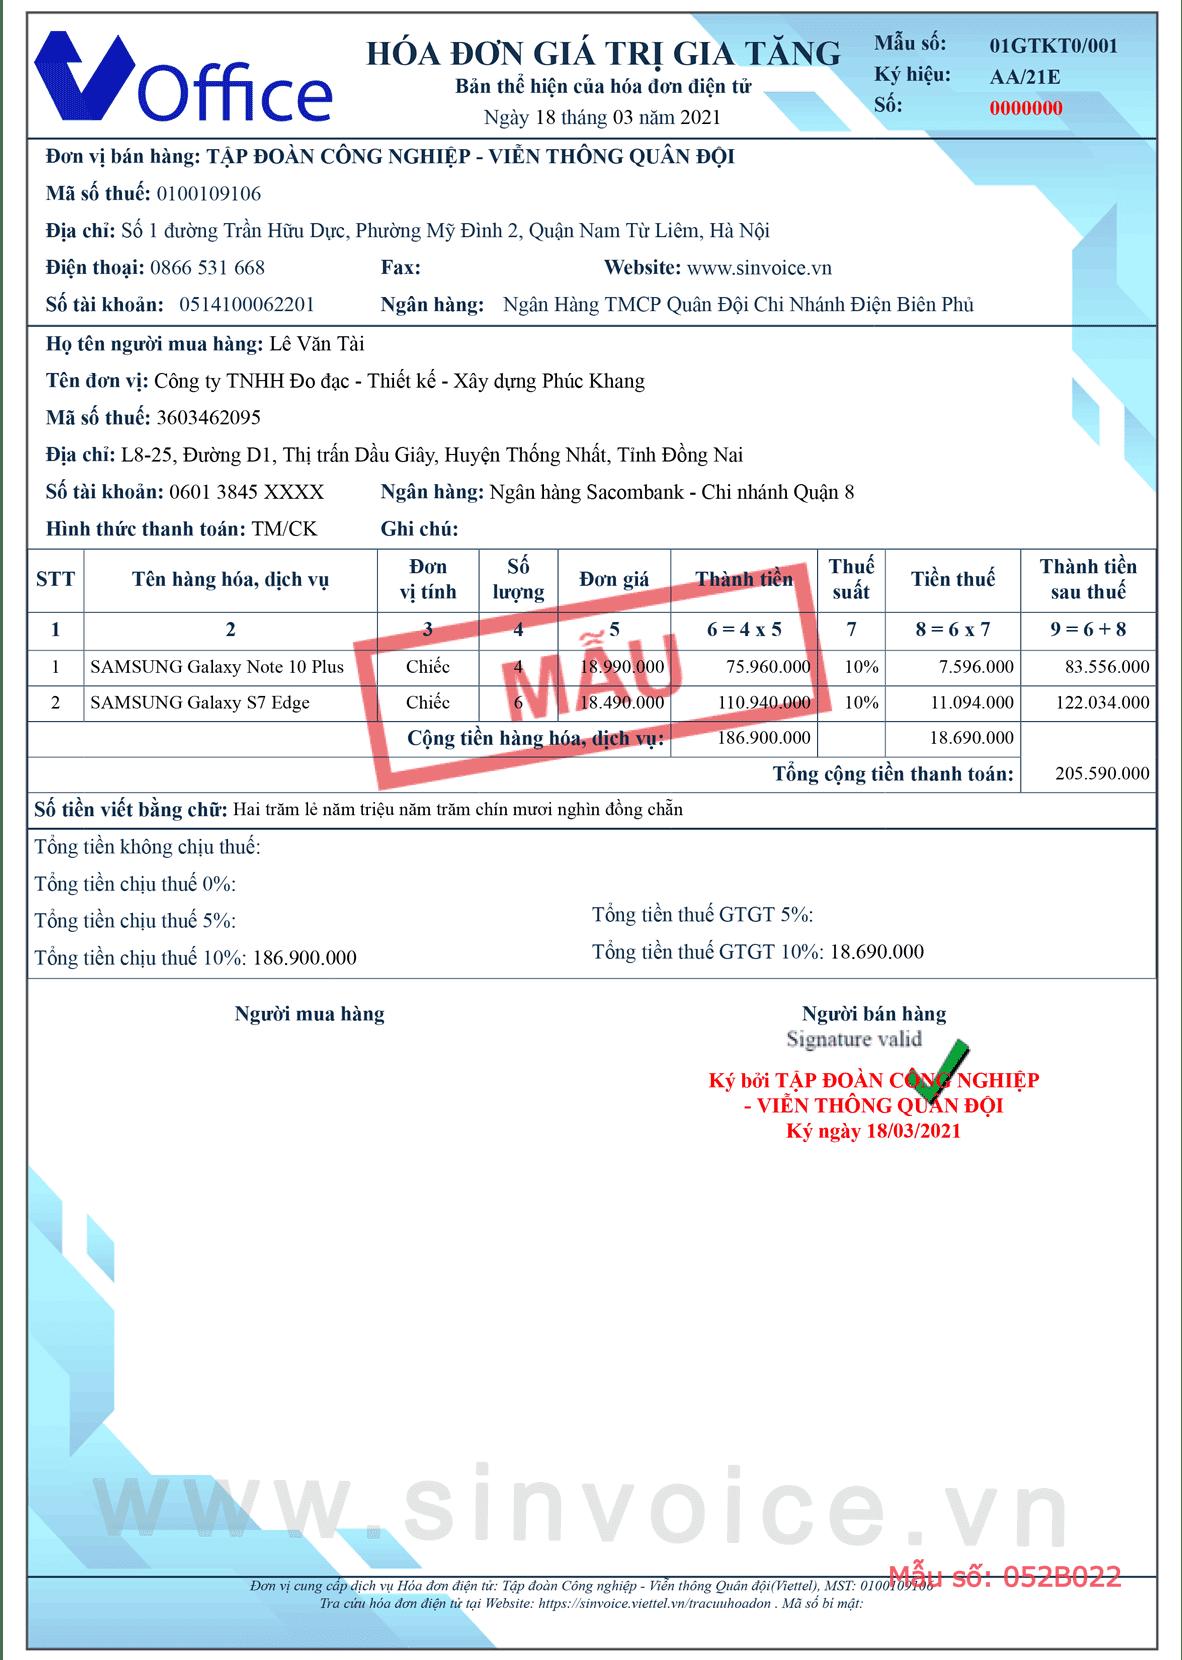 Mẫu hóa đơn điện tử số 052B022